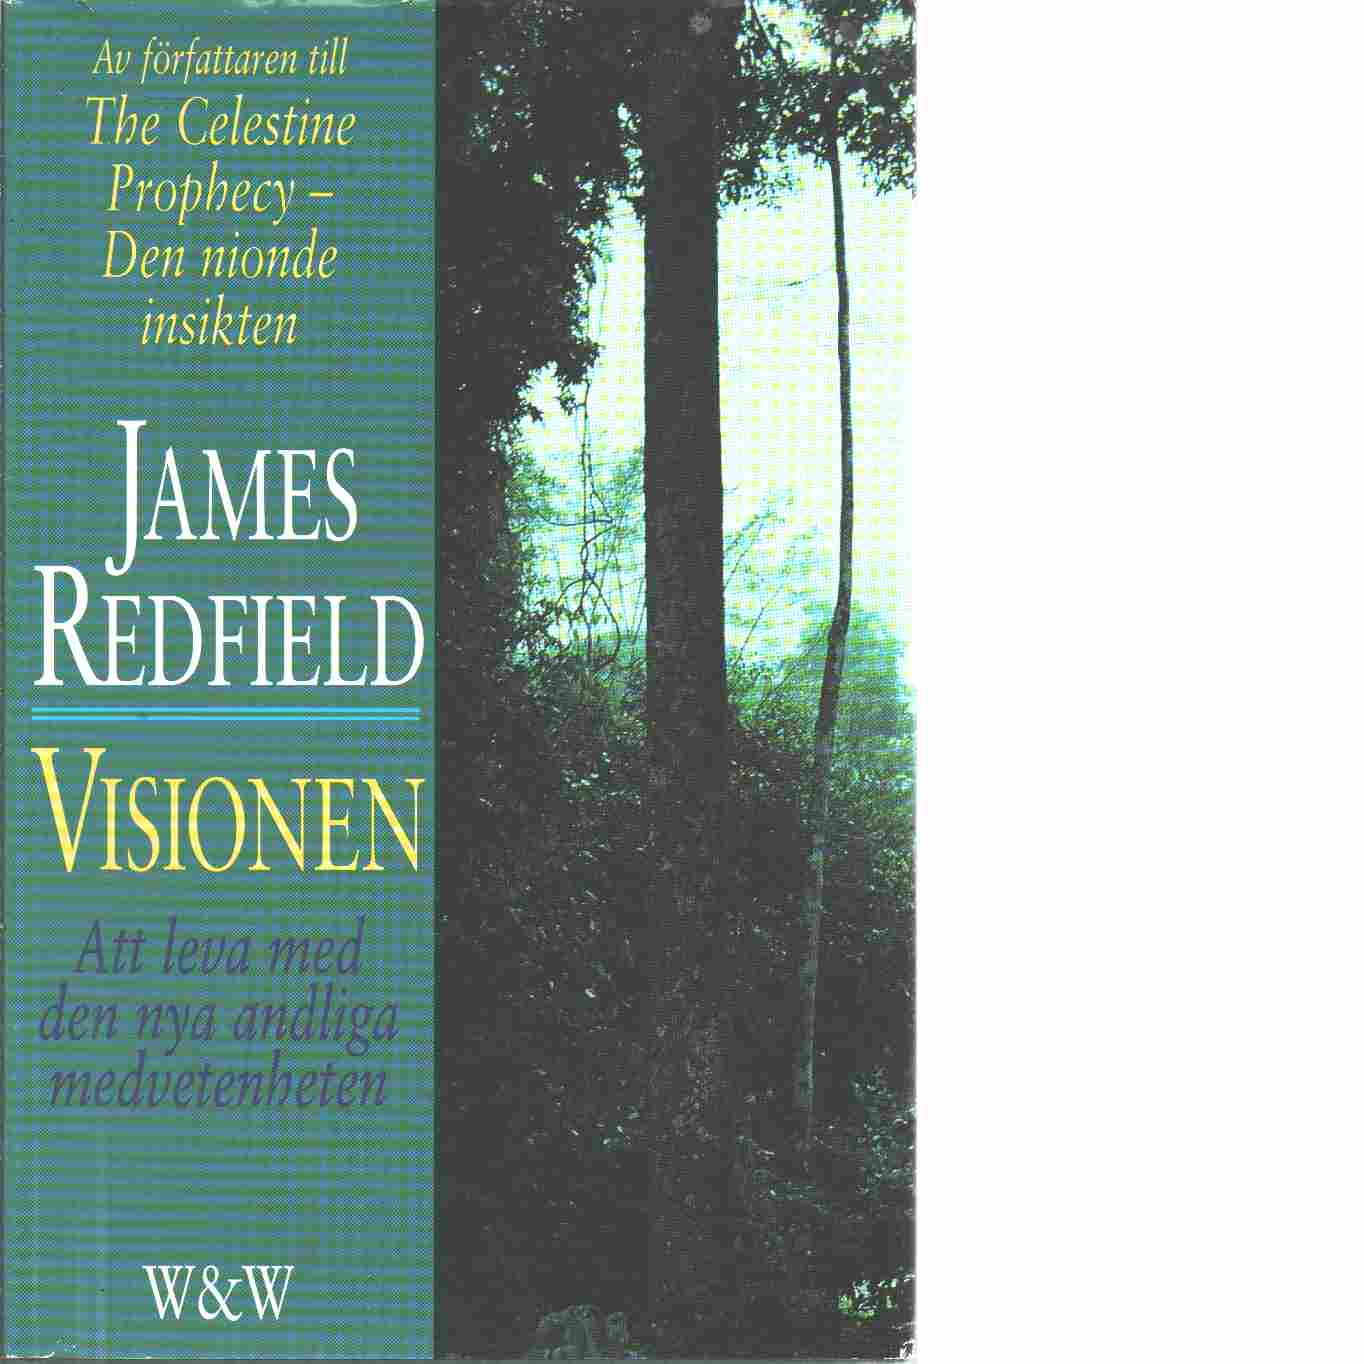 Den nionde insikten : håll visionen levande - Redfield, James